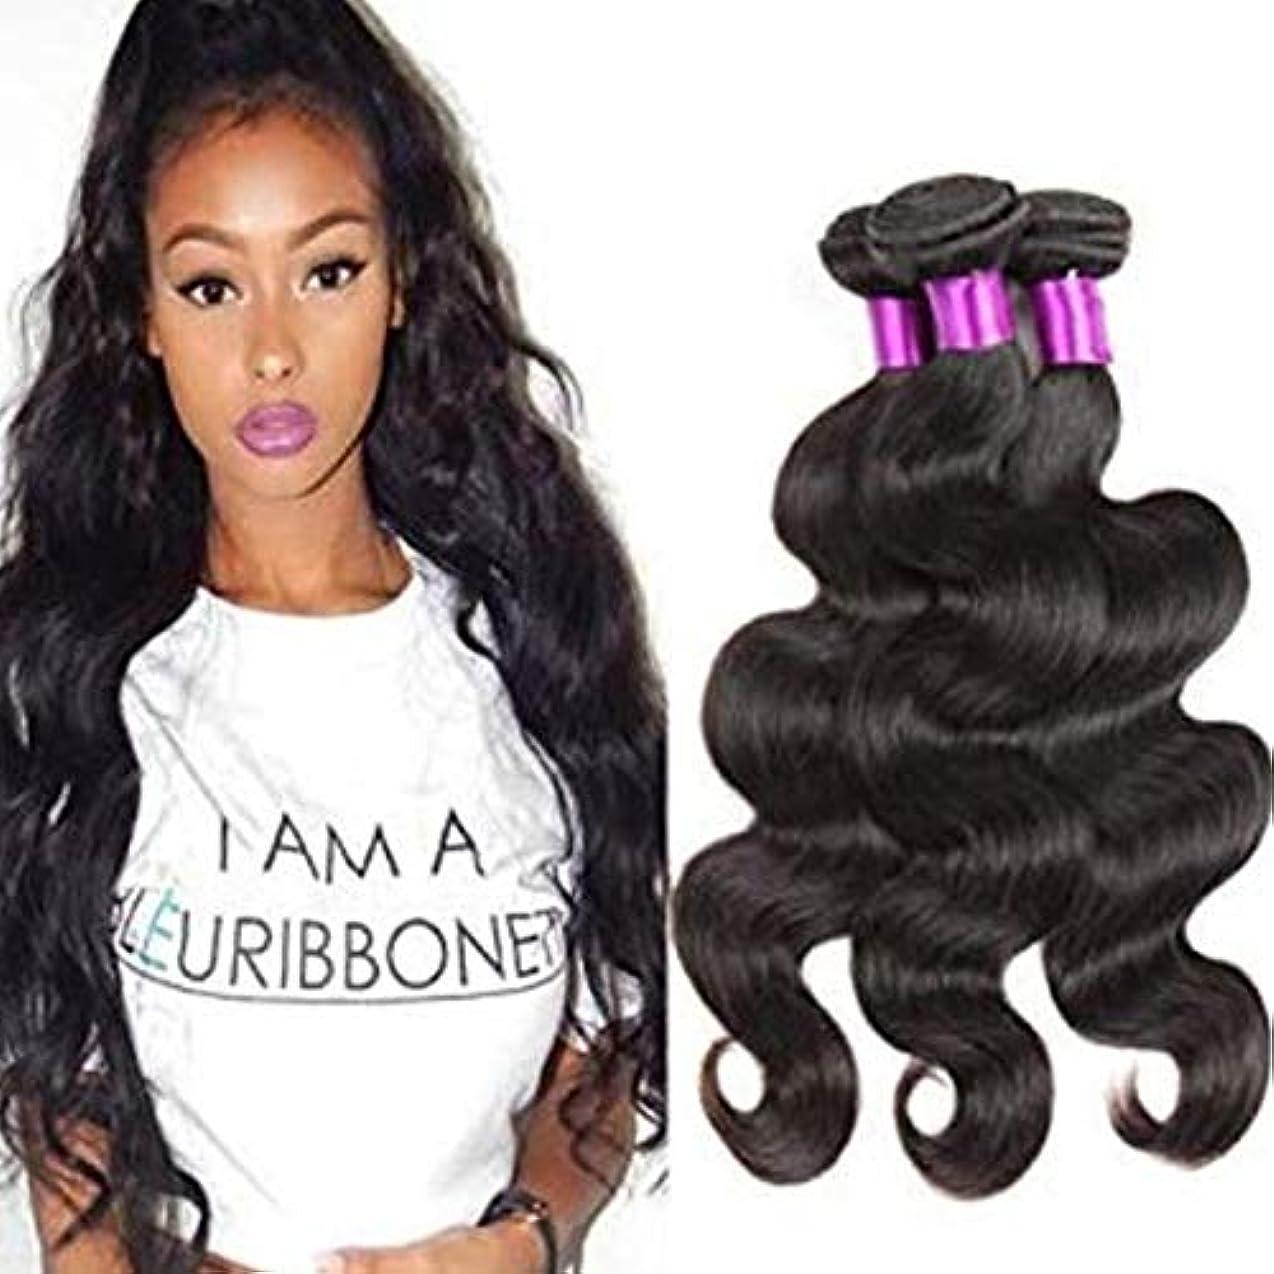 低いペルートラフHOHYLLYA 実体波巻き毛ブラジル100%未処理人毛エクステンション - ナチュラルブラック(10